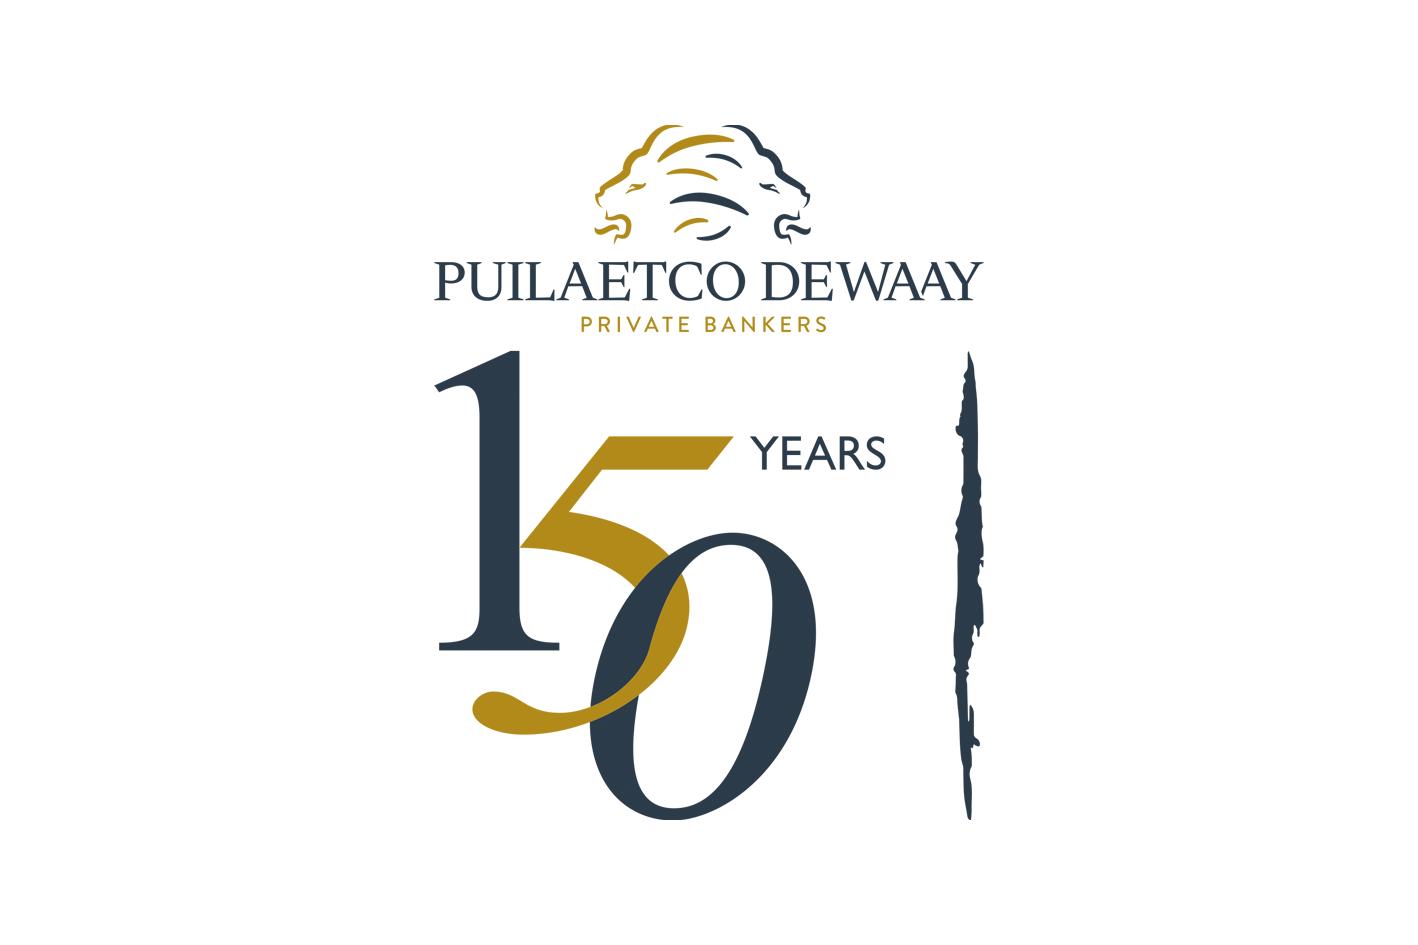 Puilaetco-Dewaay